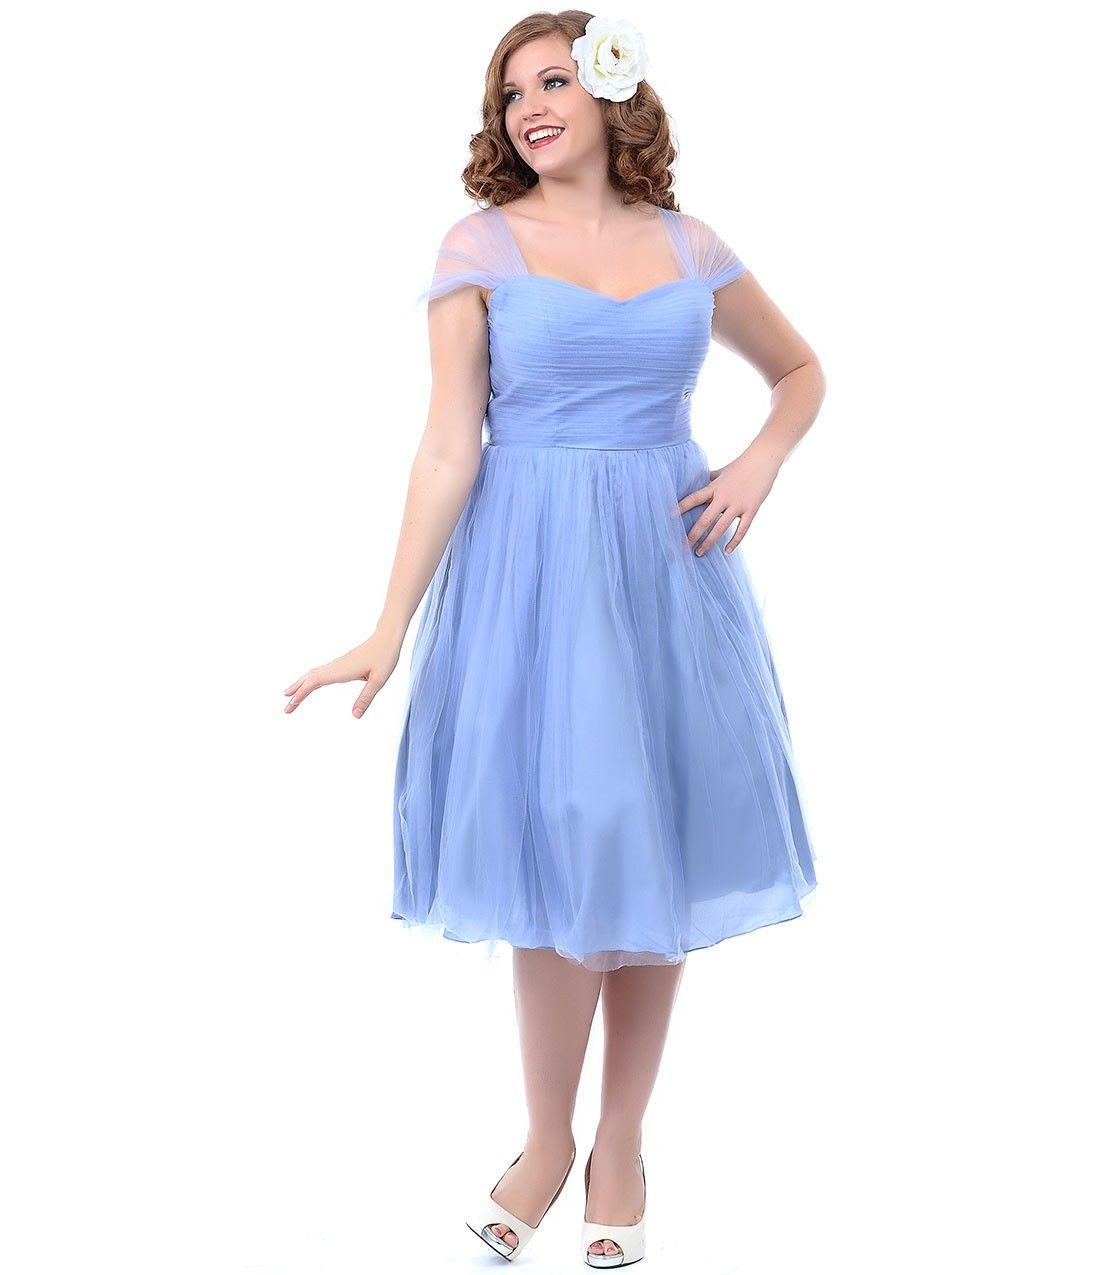 Plus party dress blue